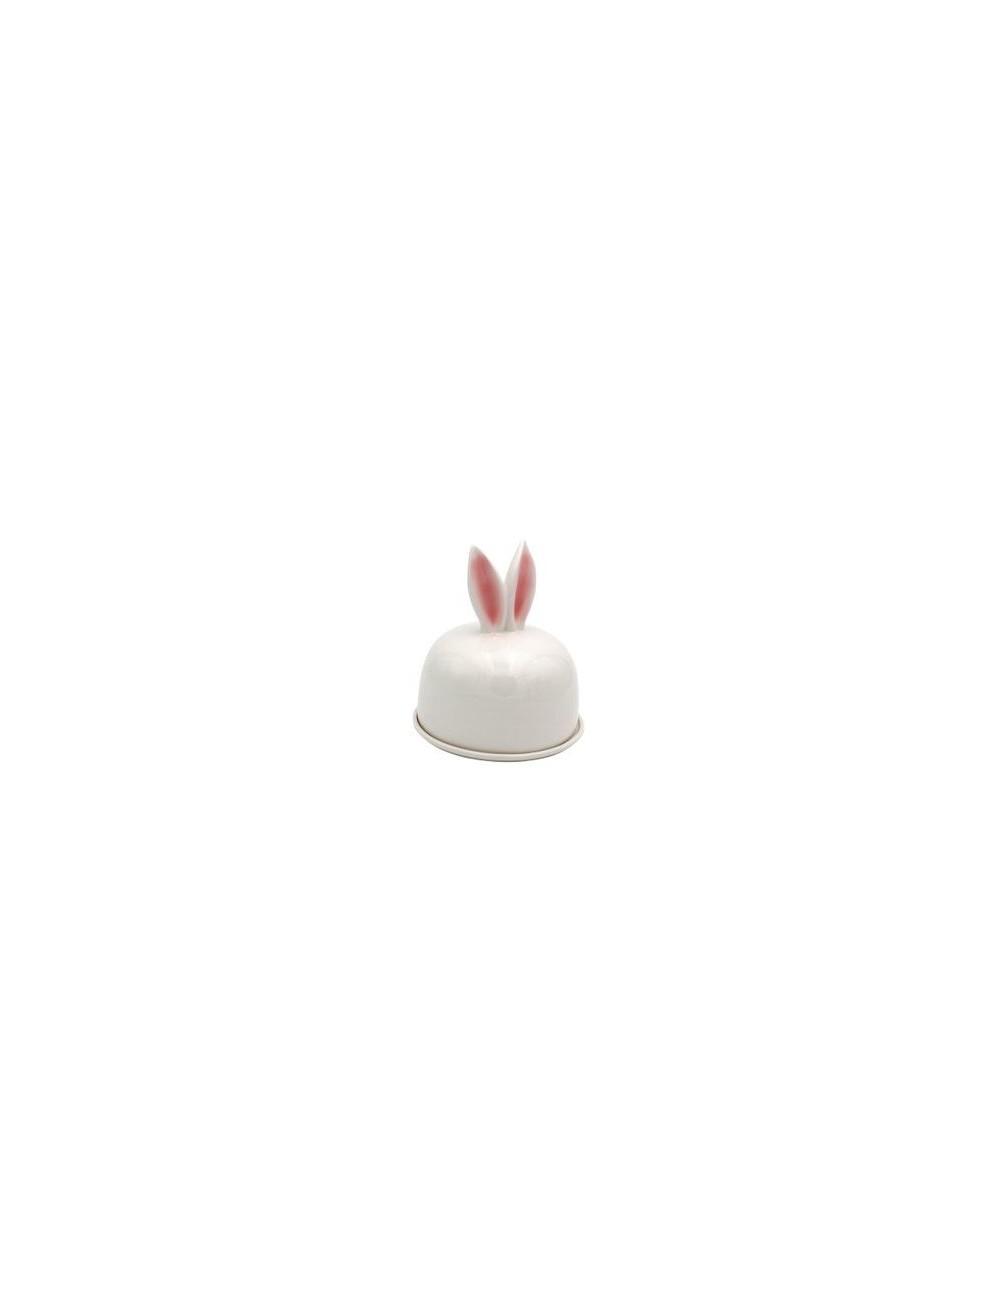 2 x Coquetiers /& 2 X Singe Egg Cosies Entièrement neuf dans sa boîte PG Singe petit déjeuner Set